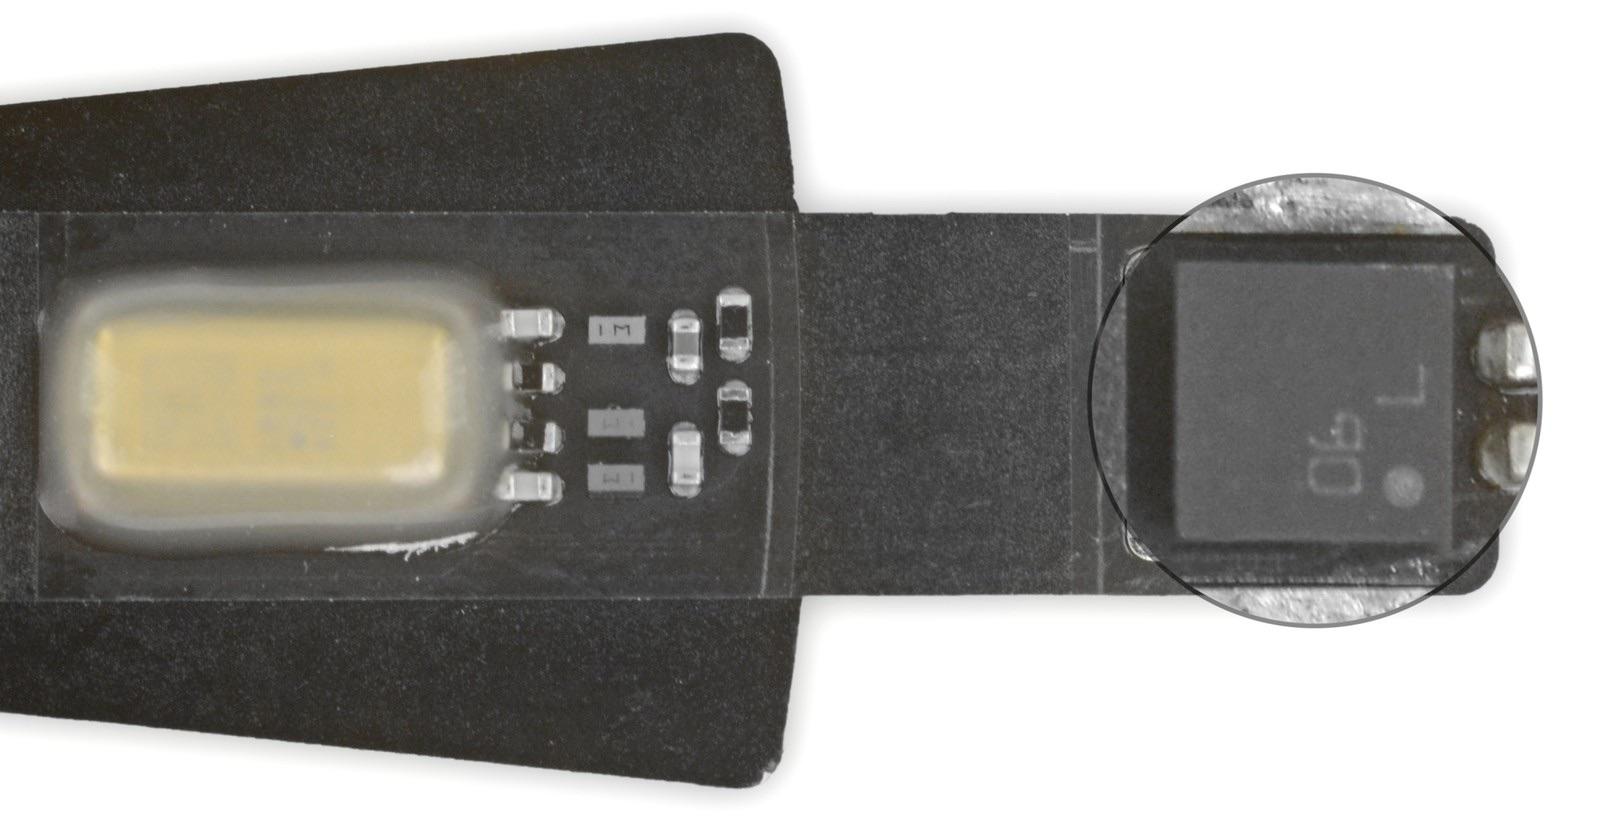 Sensor de temperatura y humedad incluido en el HomePod mini